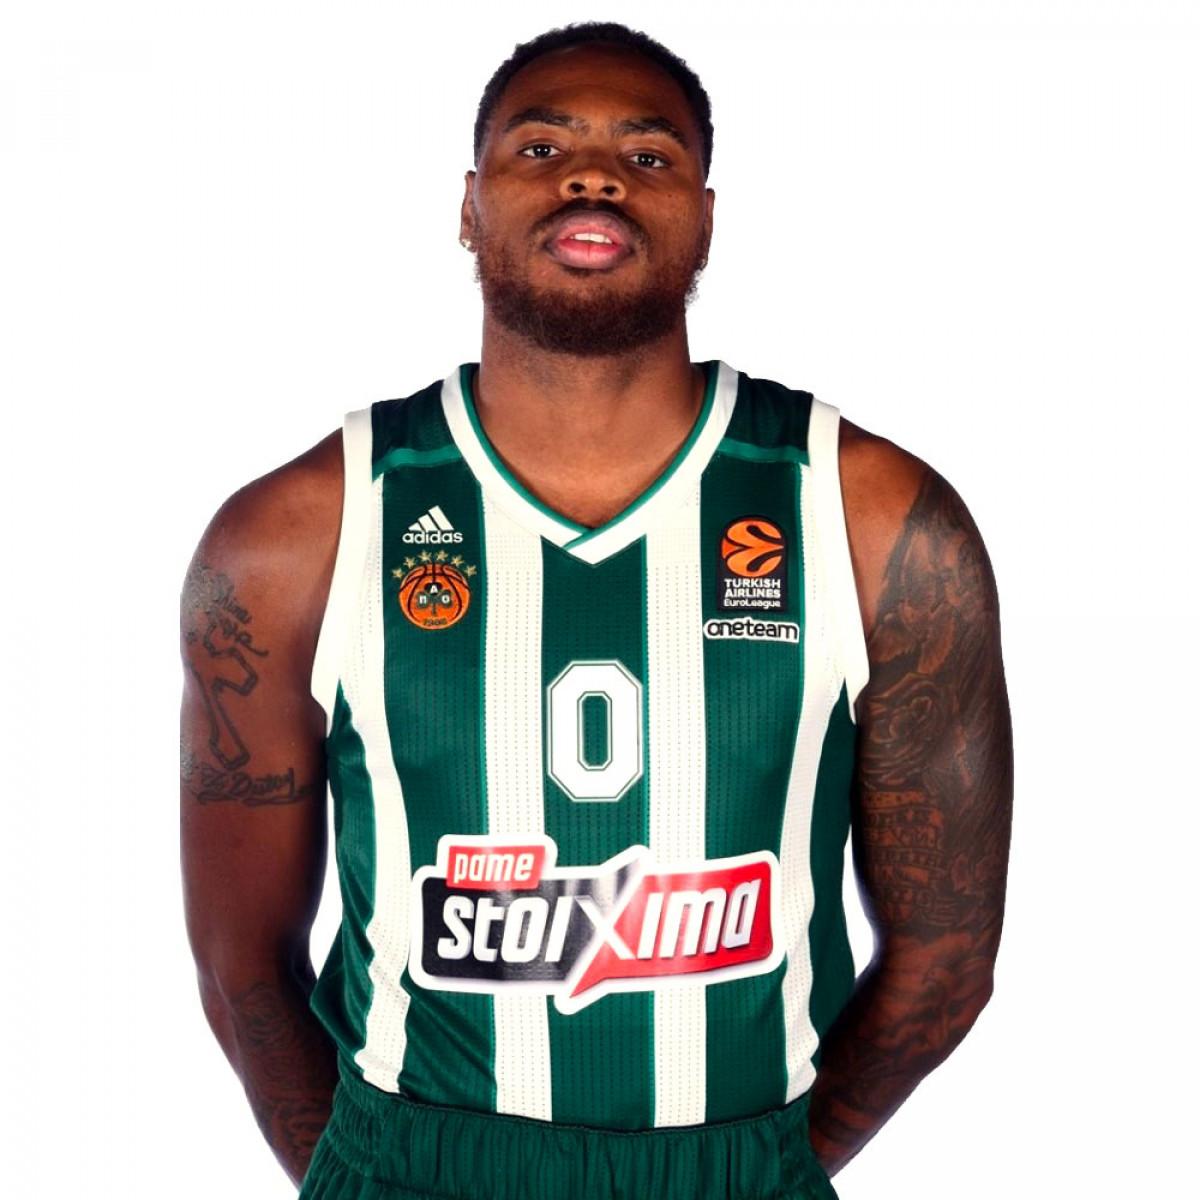 Photo of Deshaun Thomas, 2019-2020 season